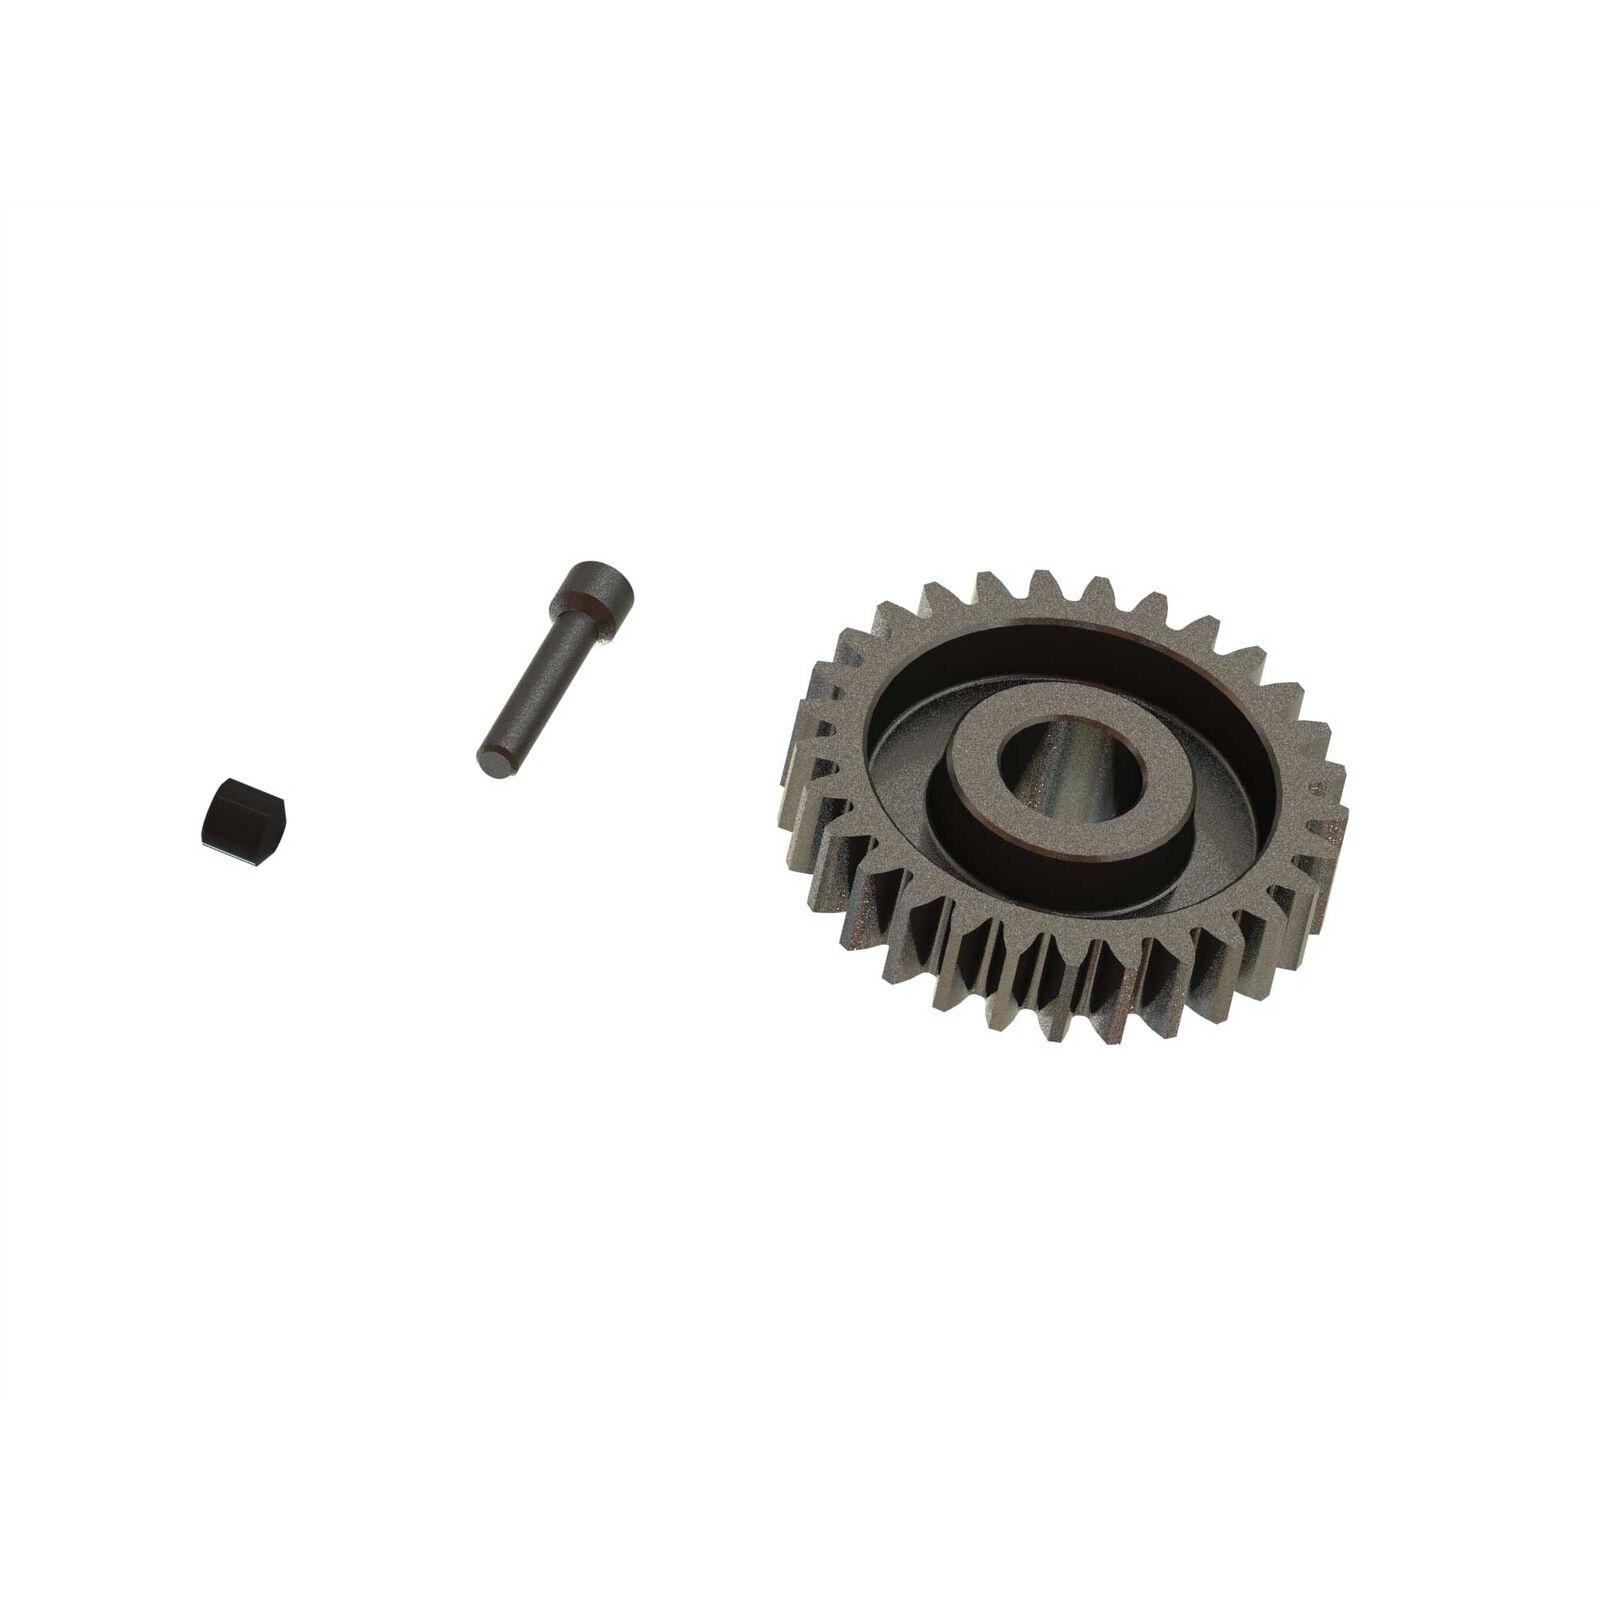 29T MOD1 Spool Gear (8mm Bore)